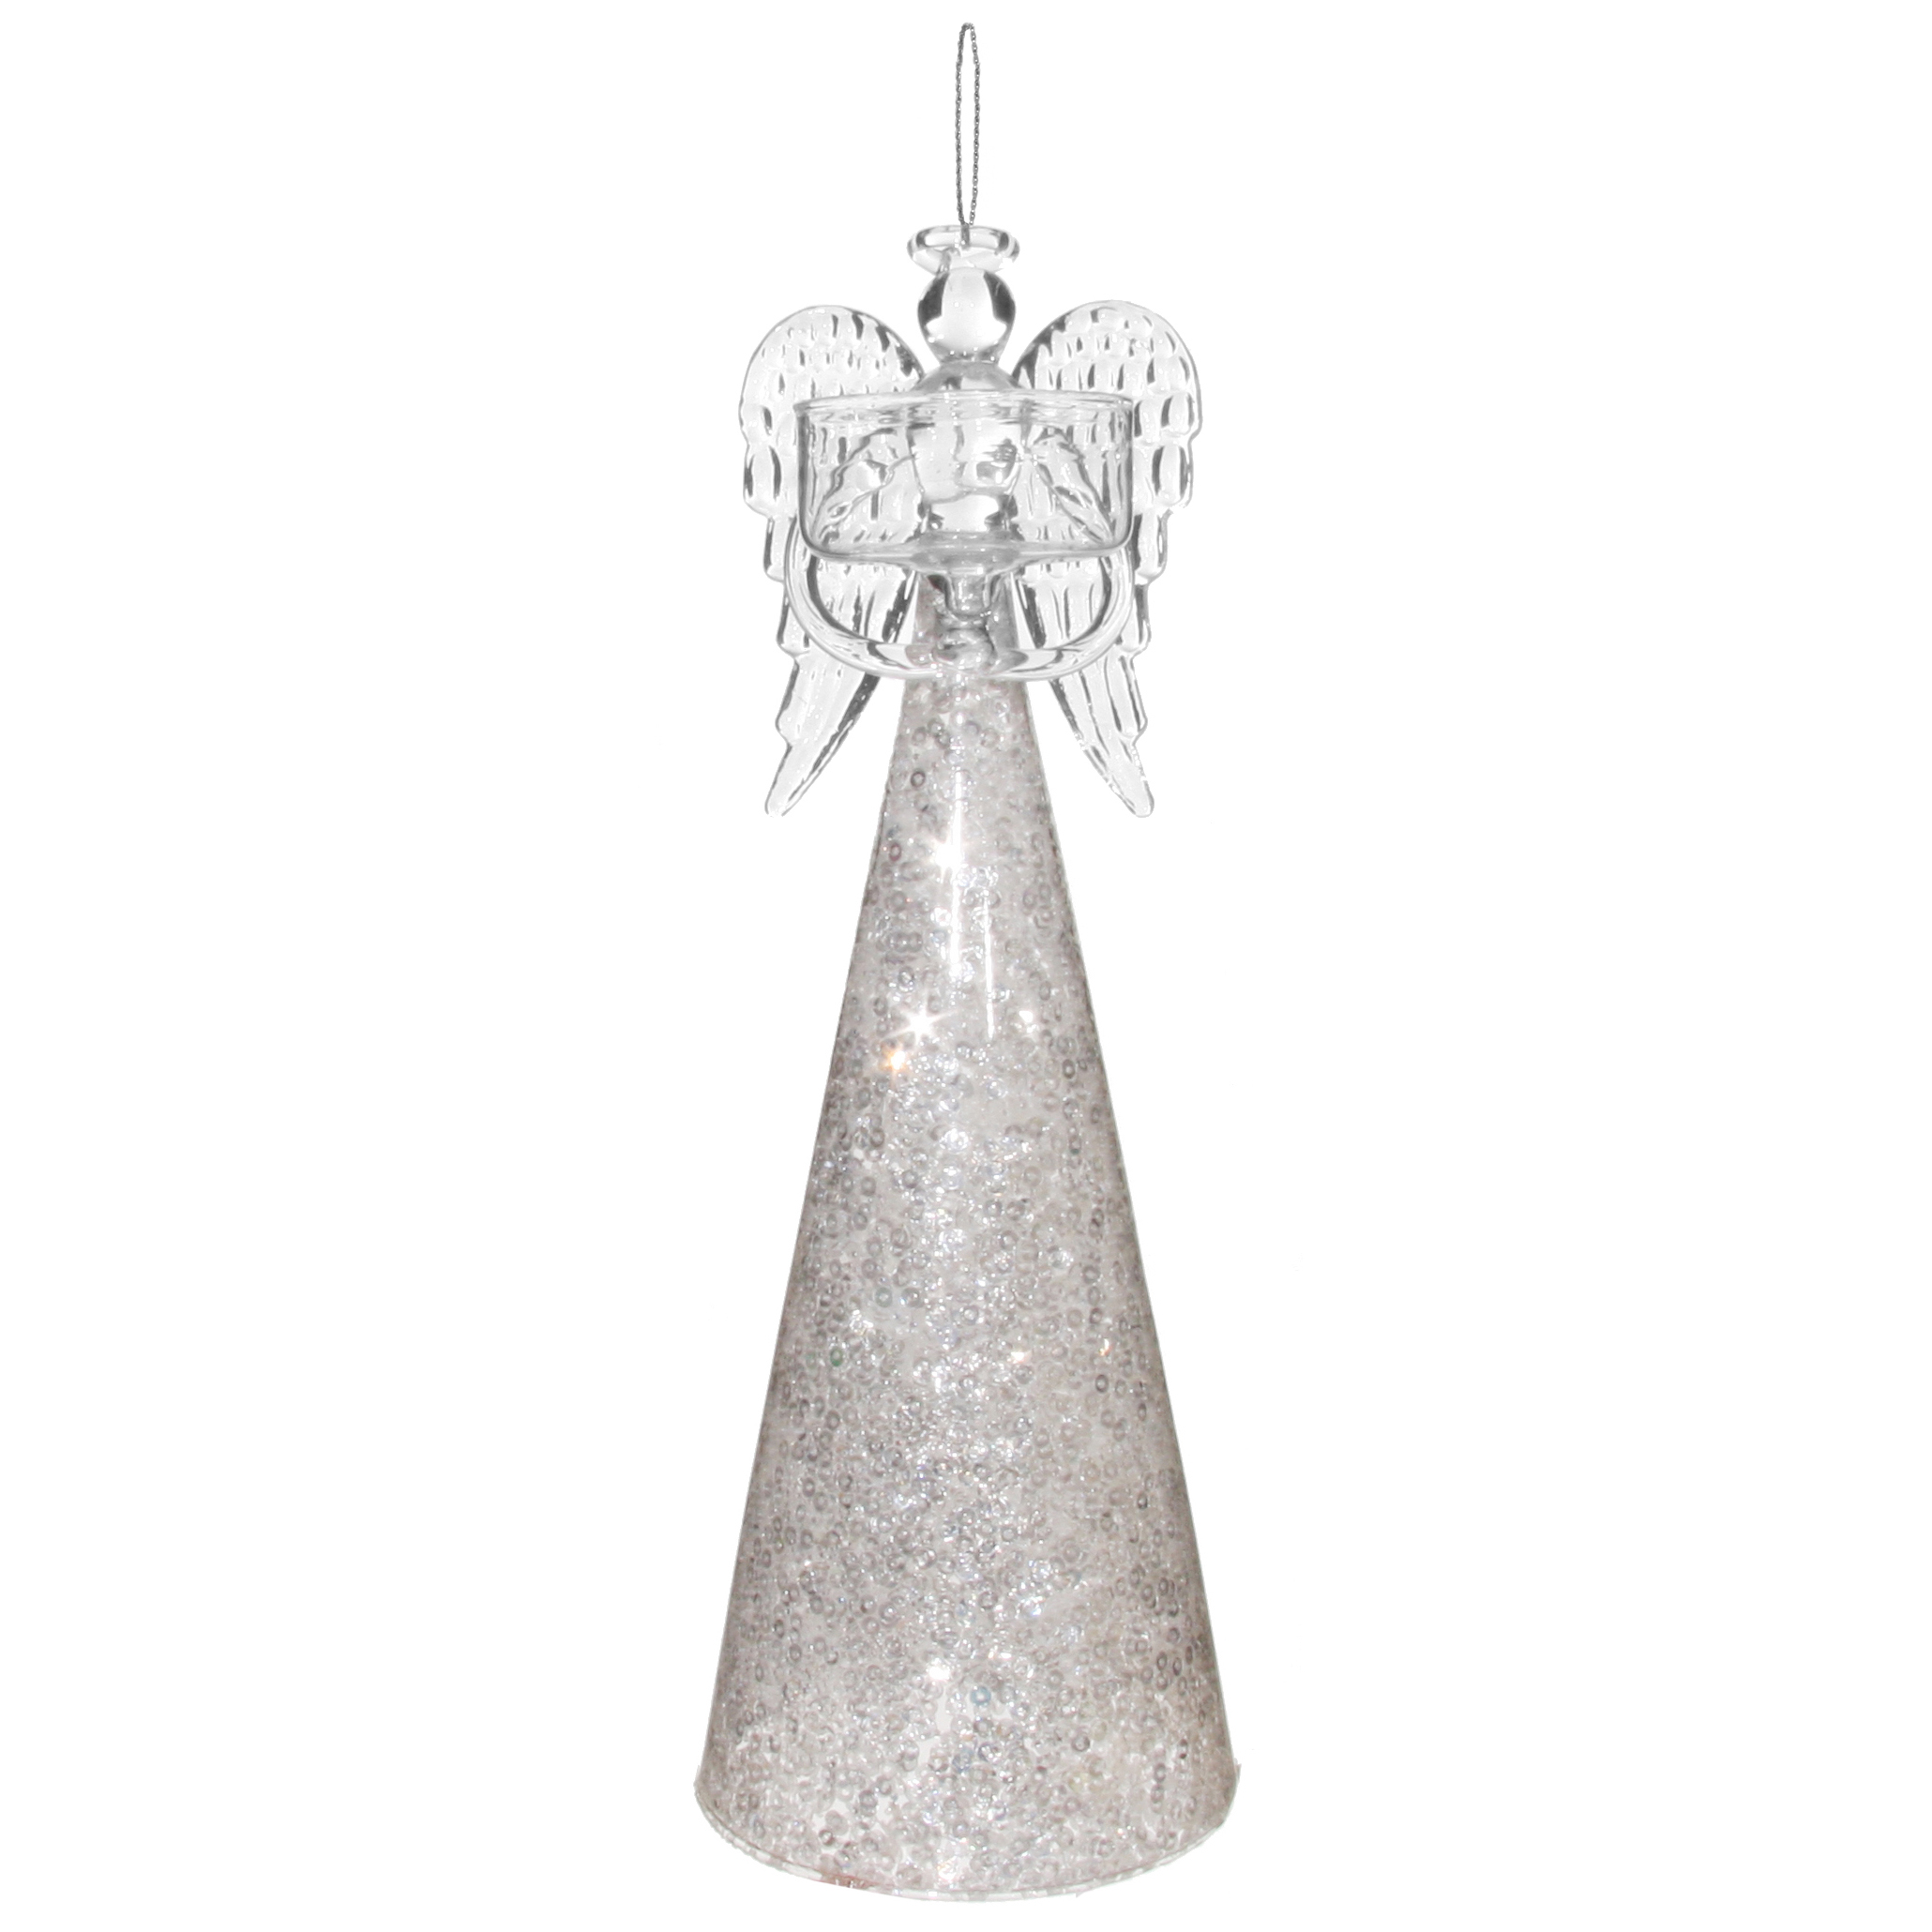 szklany anioł swiecznik 25 cm w sukience z cekinami tlight Tealight candlestick